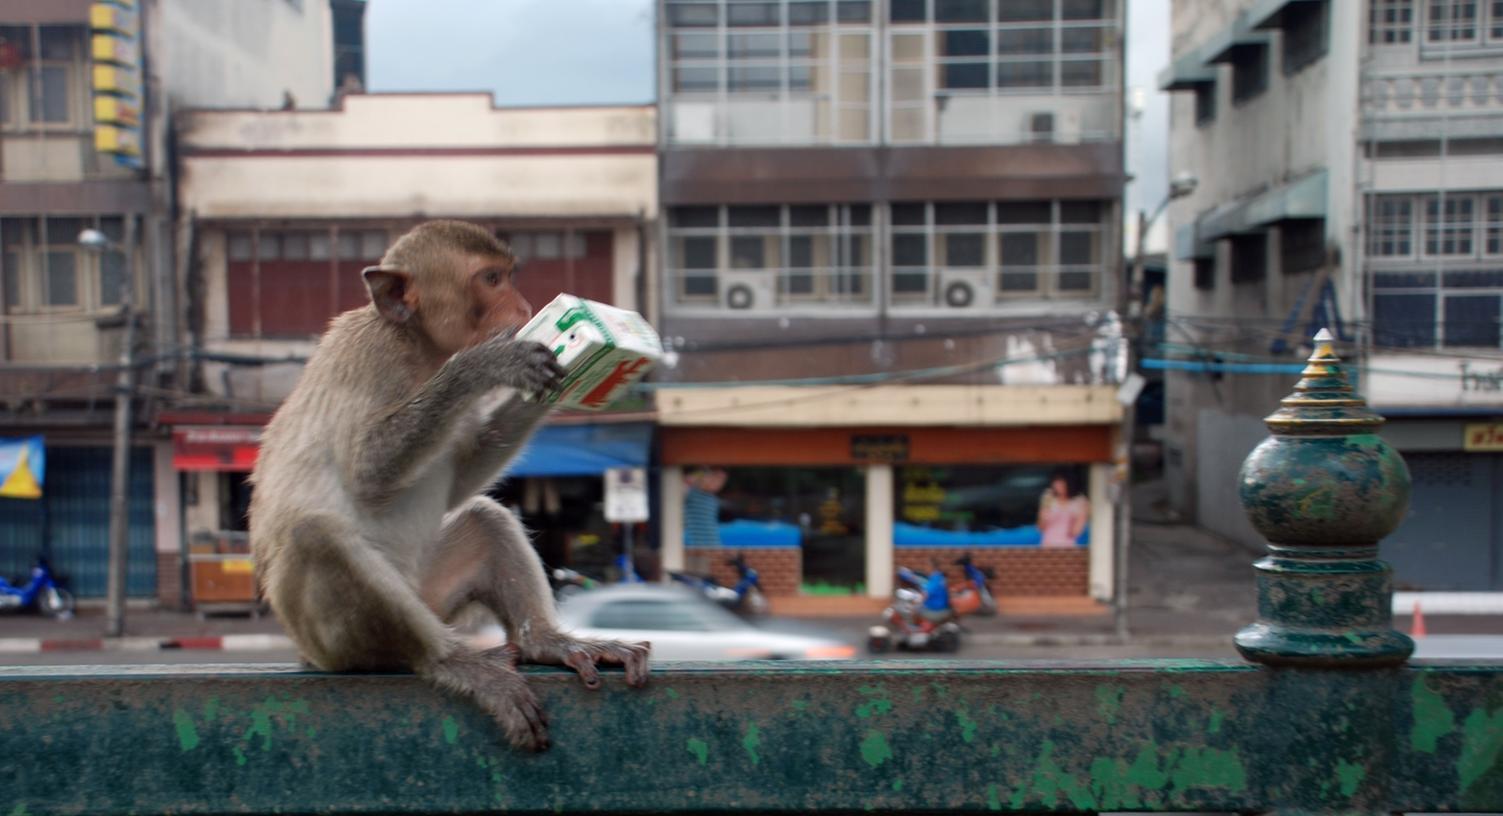 Gerade in malaysischen Städten sind Makaken weit verbreitetet und dringen immer wieder in Häuser ein.